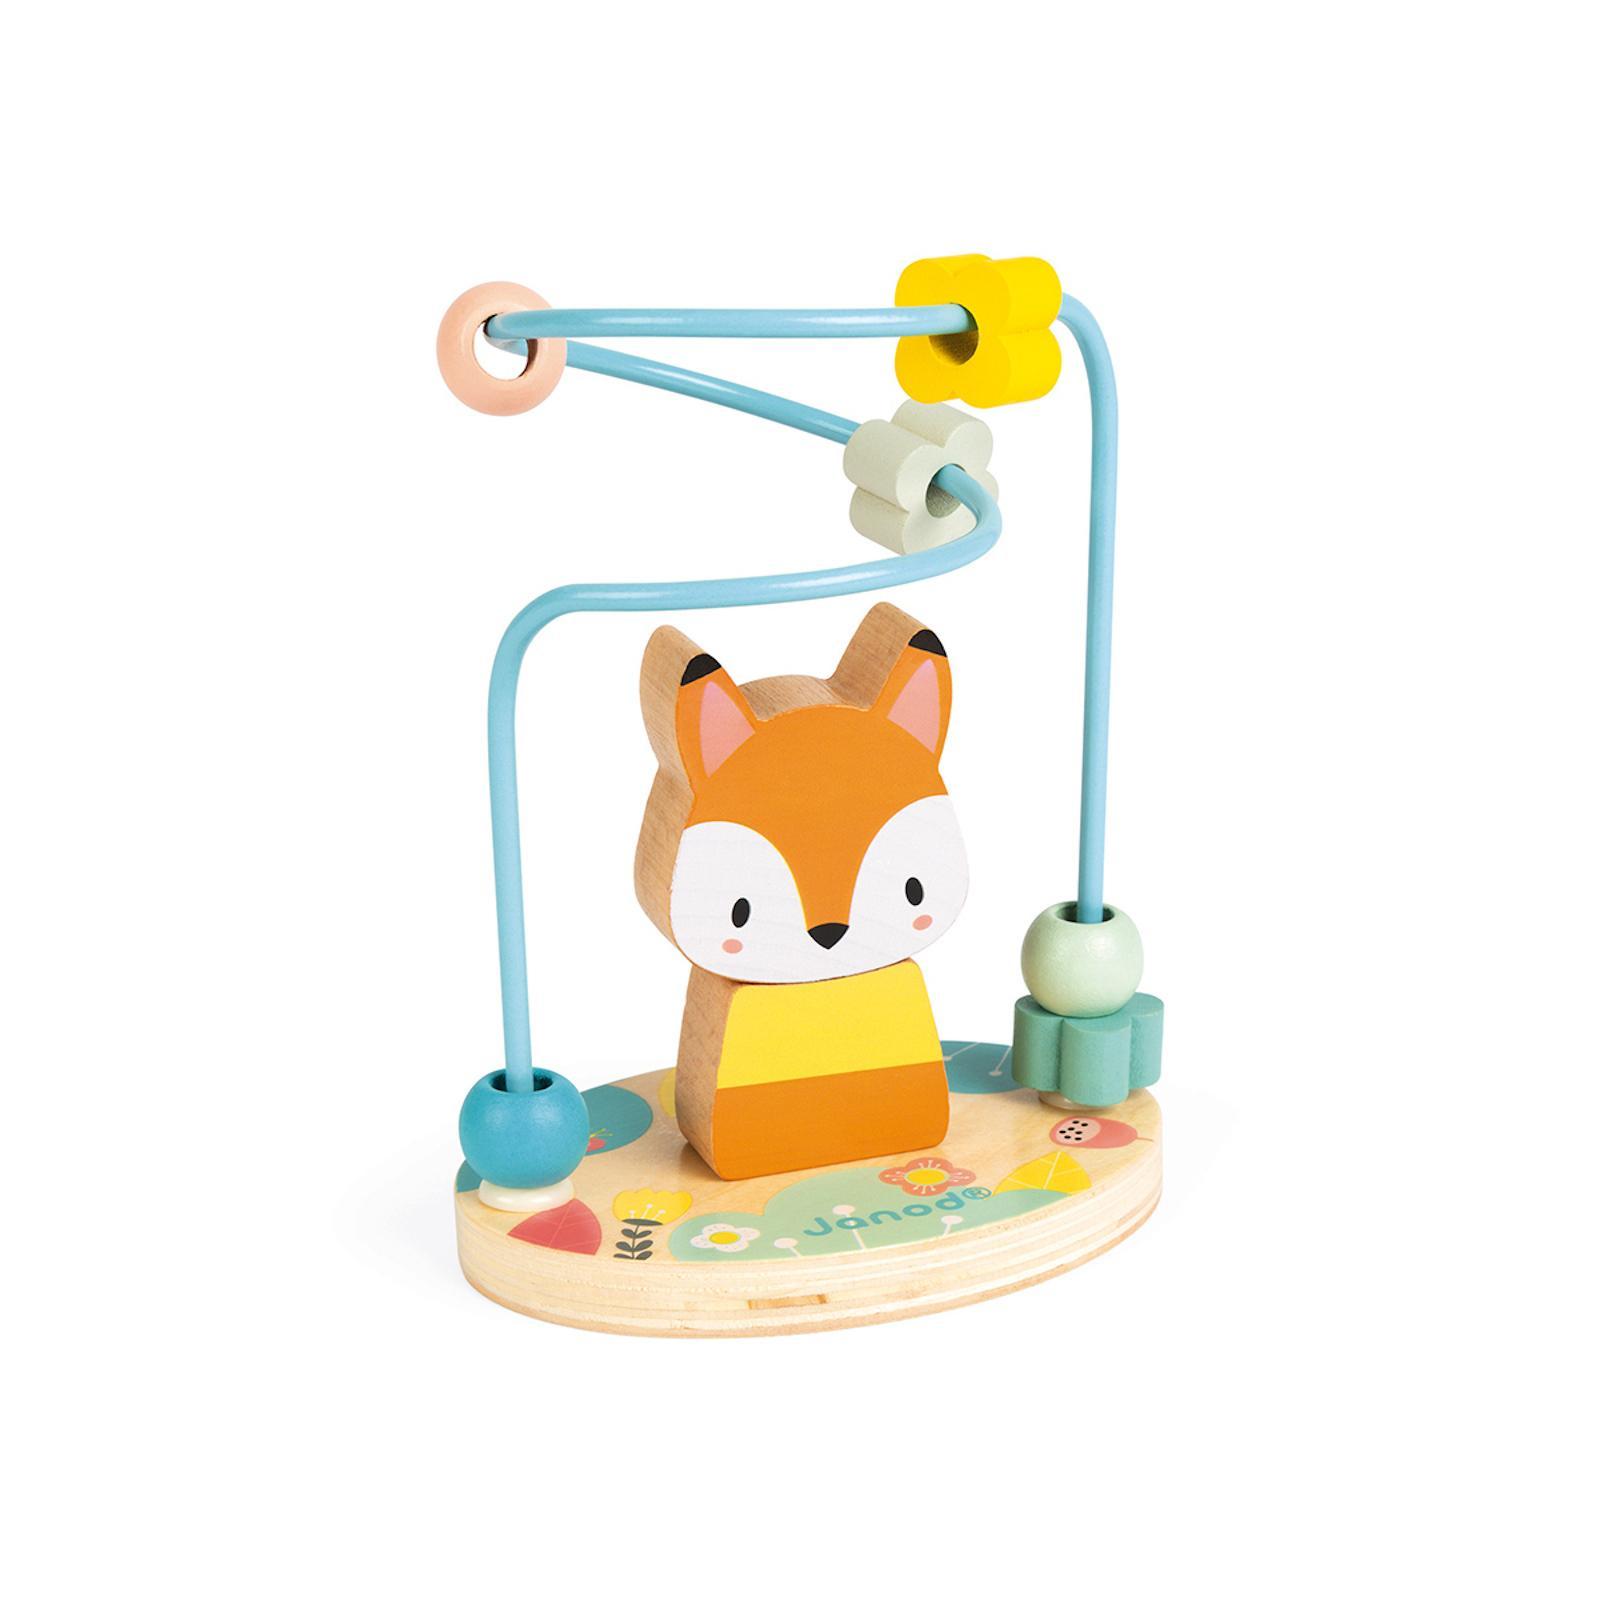 Janod Pure motorická dřevěná hračka smyčkování Liška 1 ks